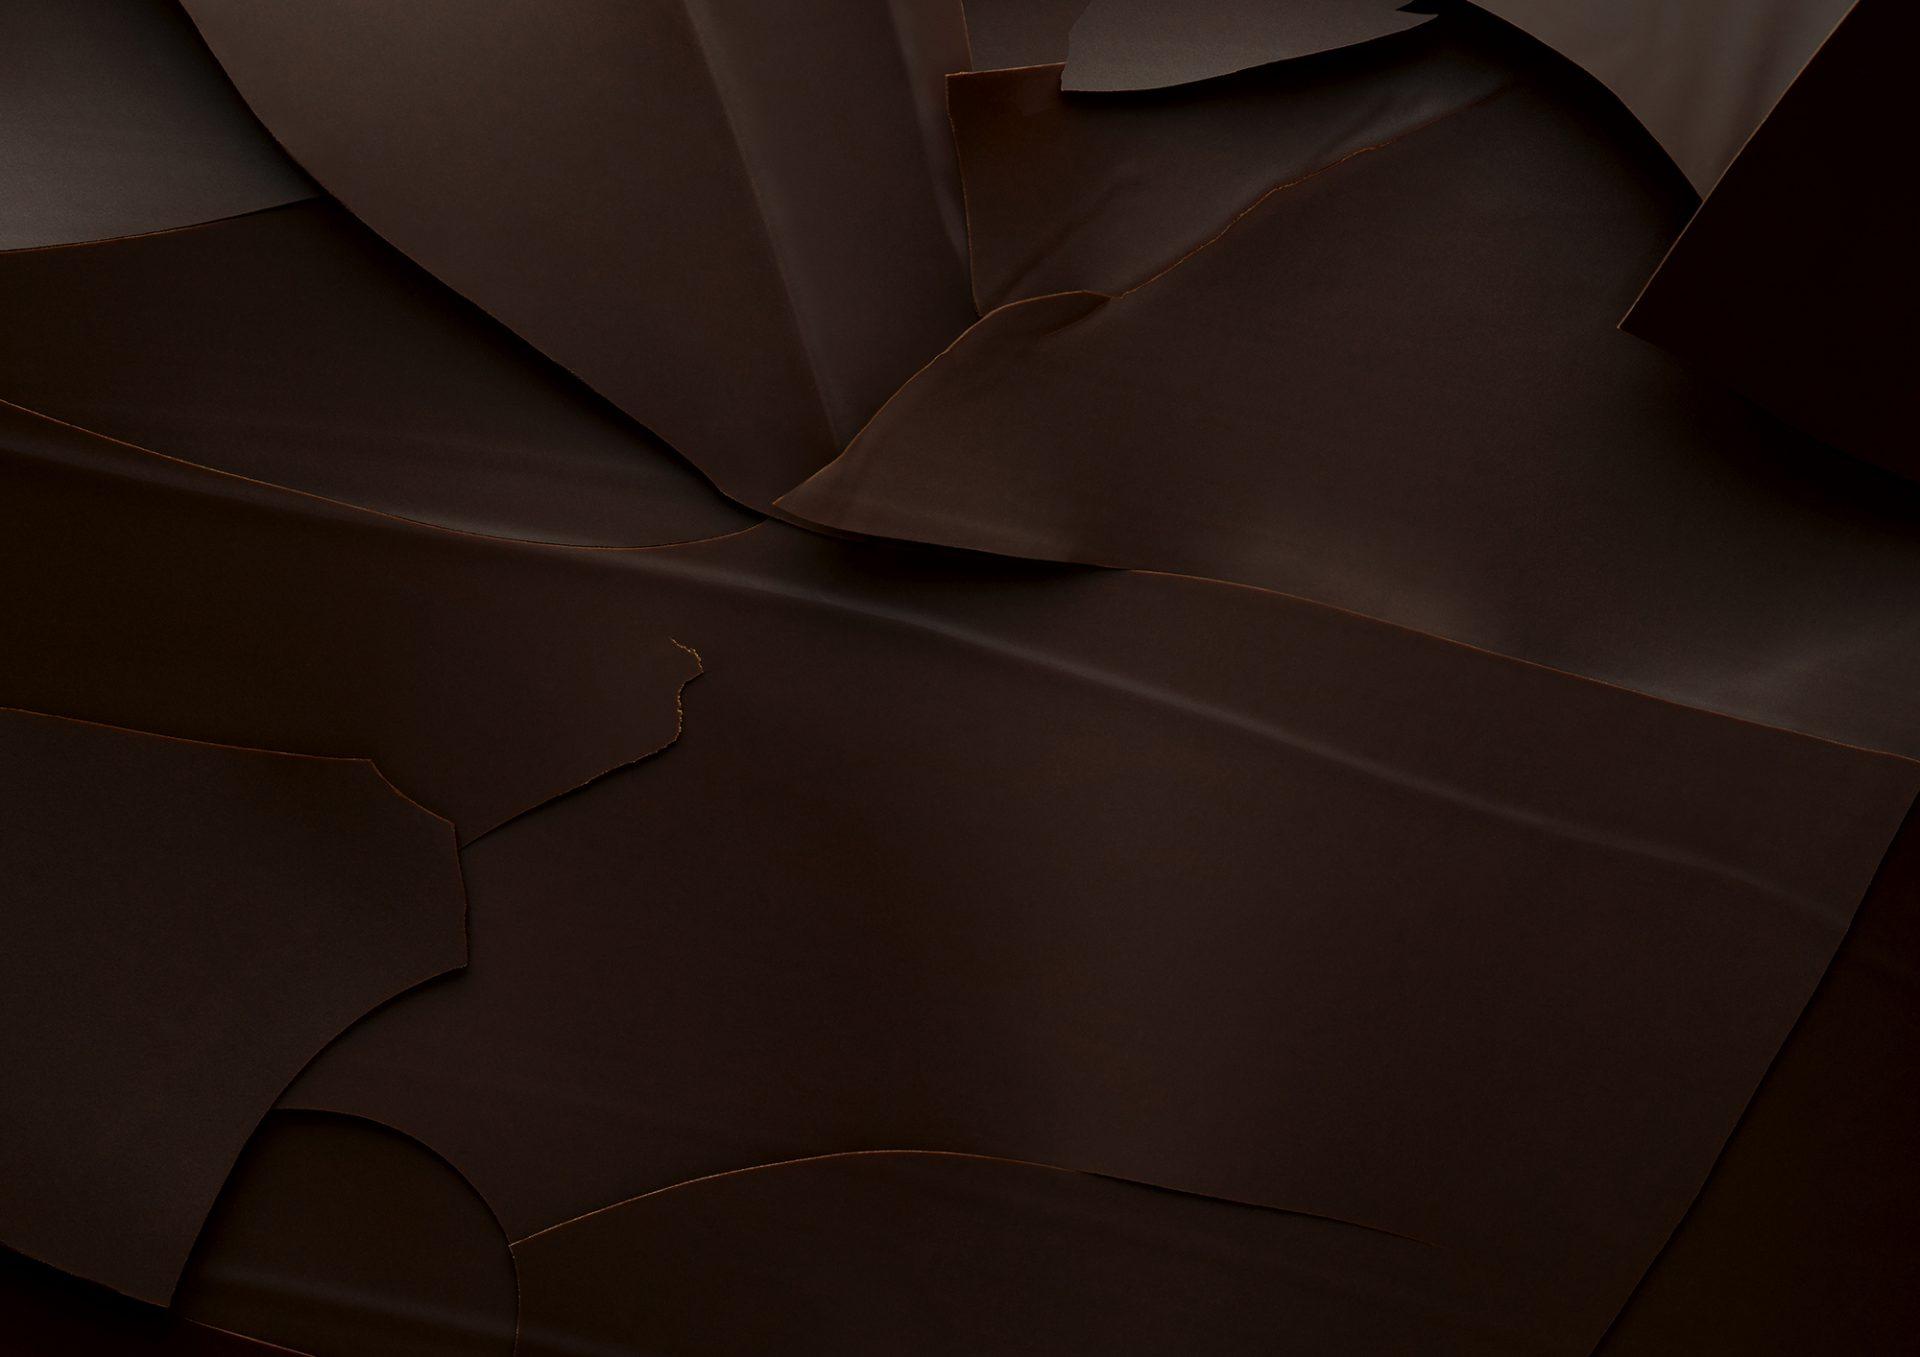 Rausch Textur 1